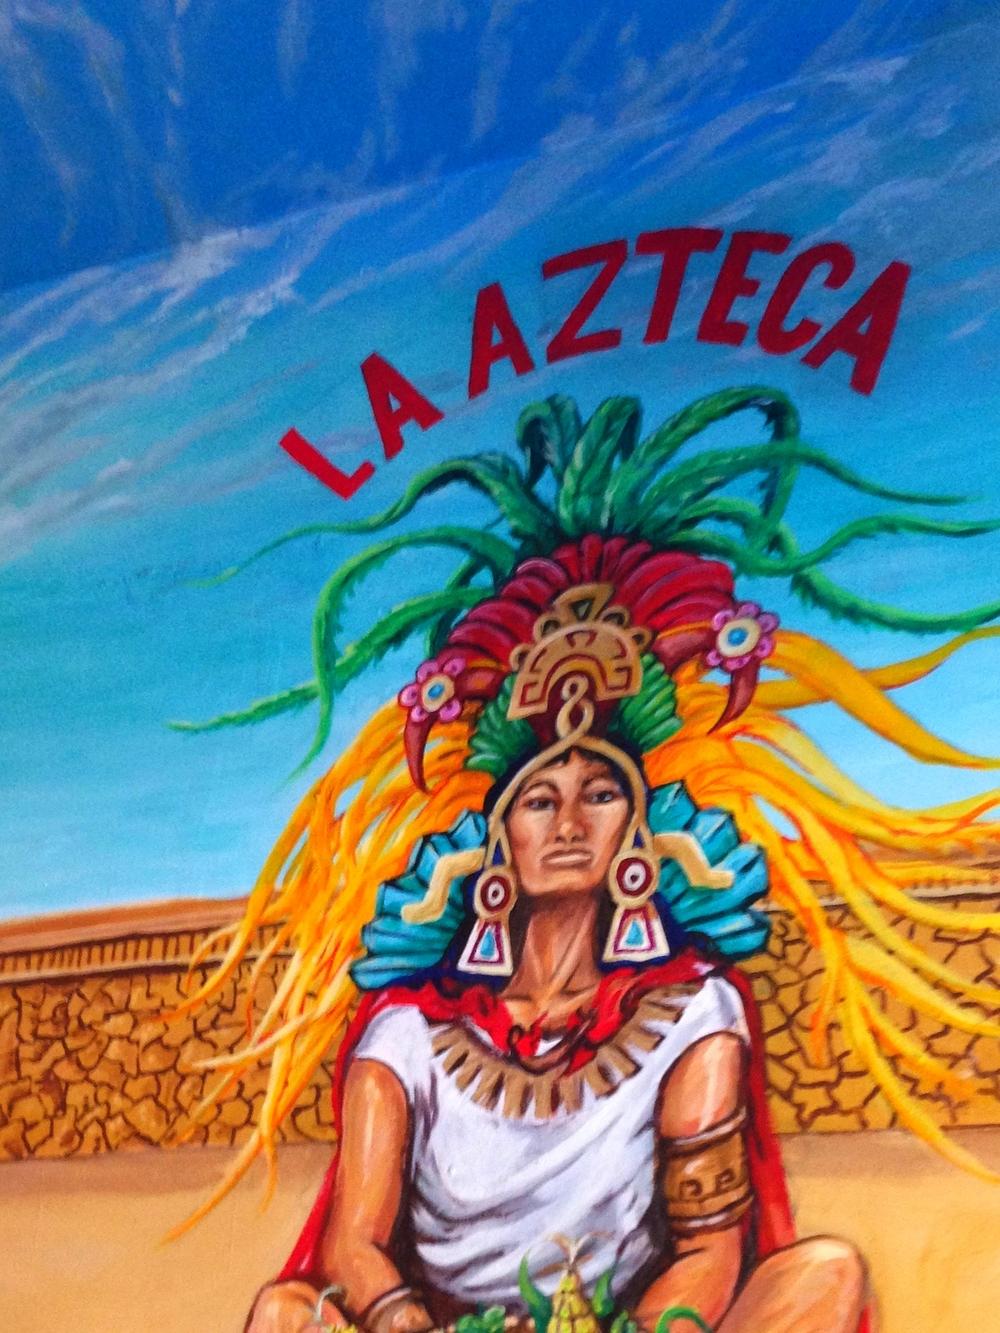 la azteca.jpg